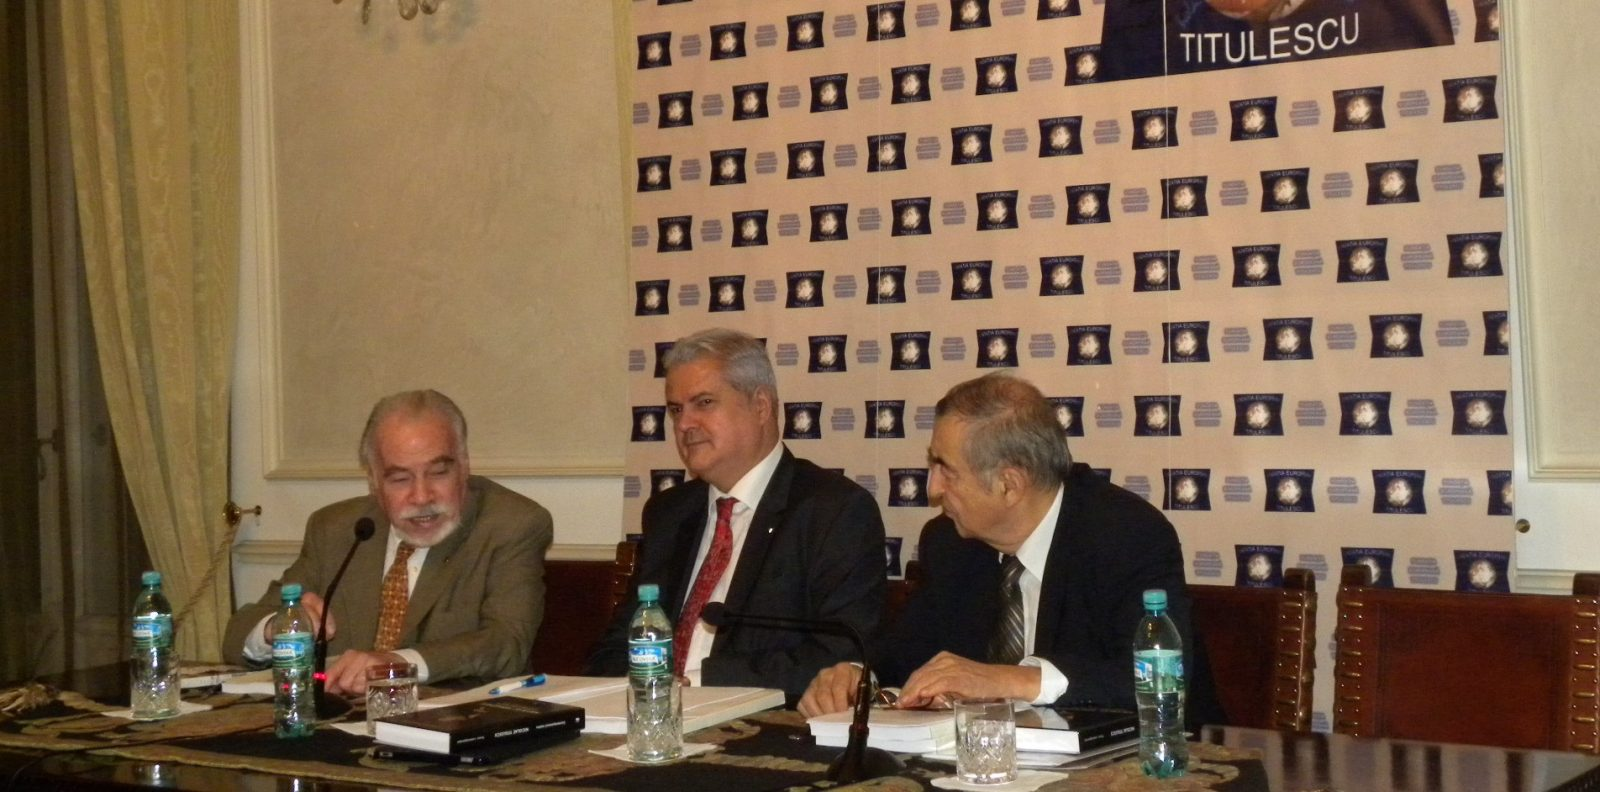 Adunarea Generală a Fundaţiei Europene Titulescu